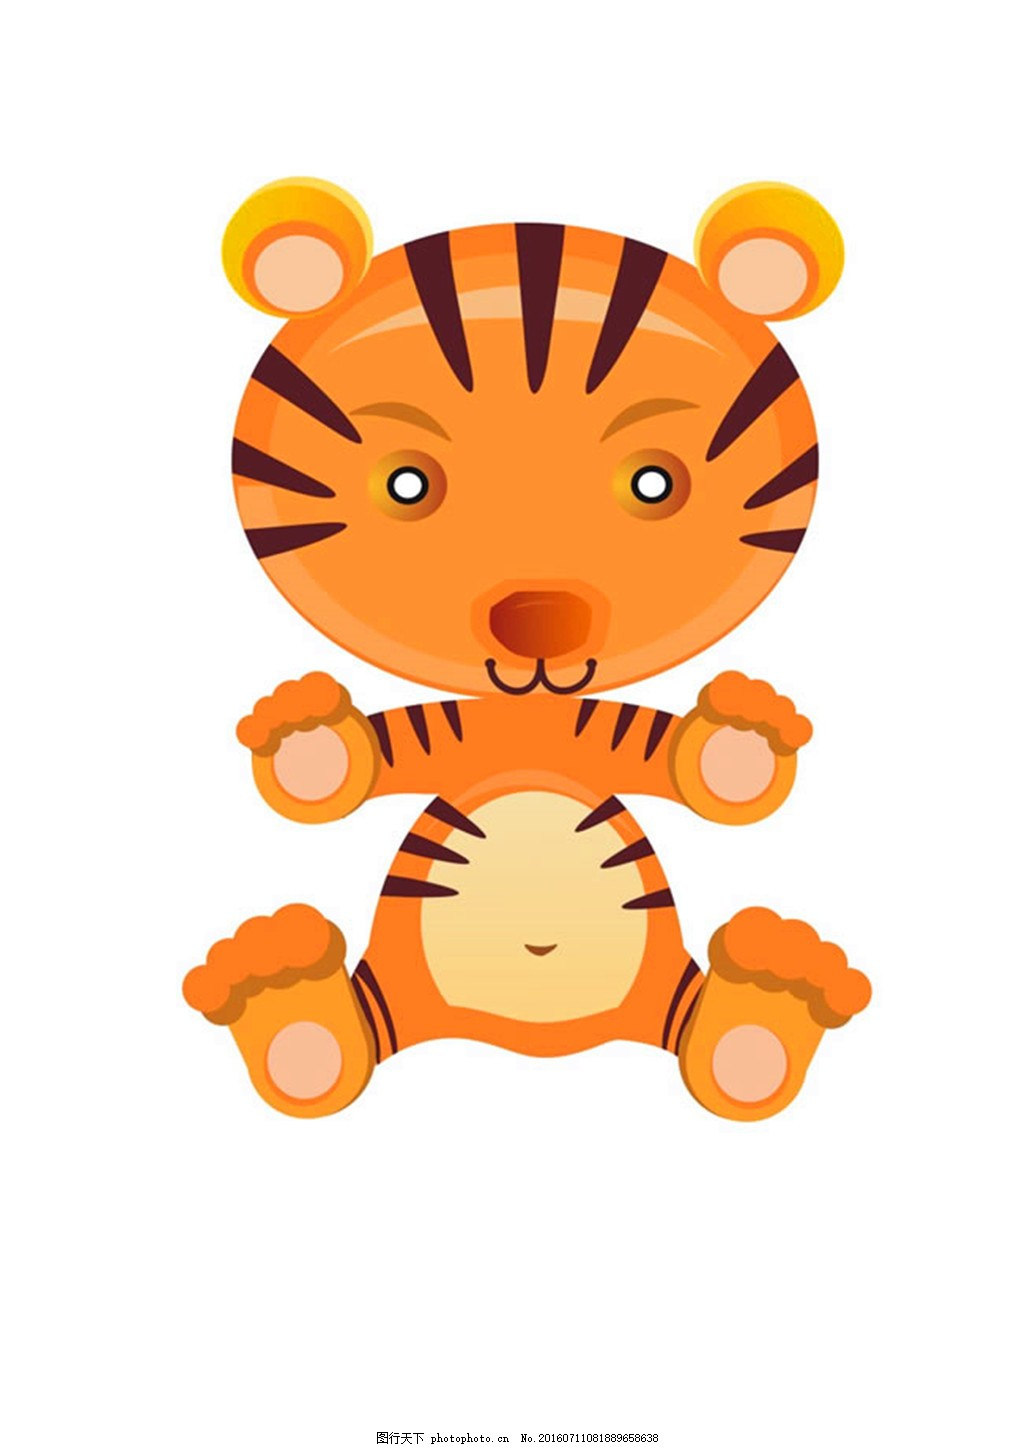 卡通可爱小老虎矢量图